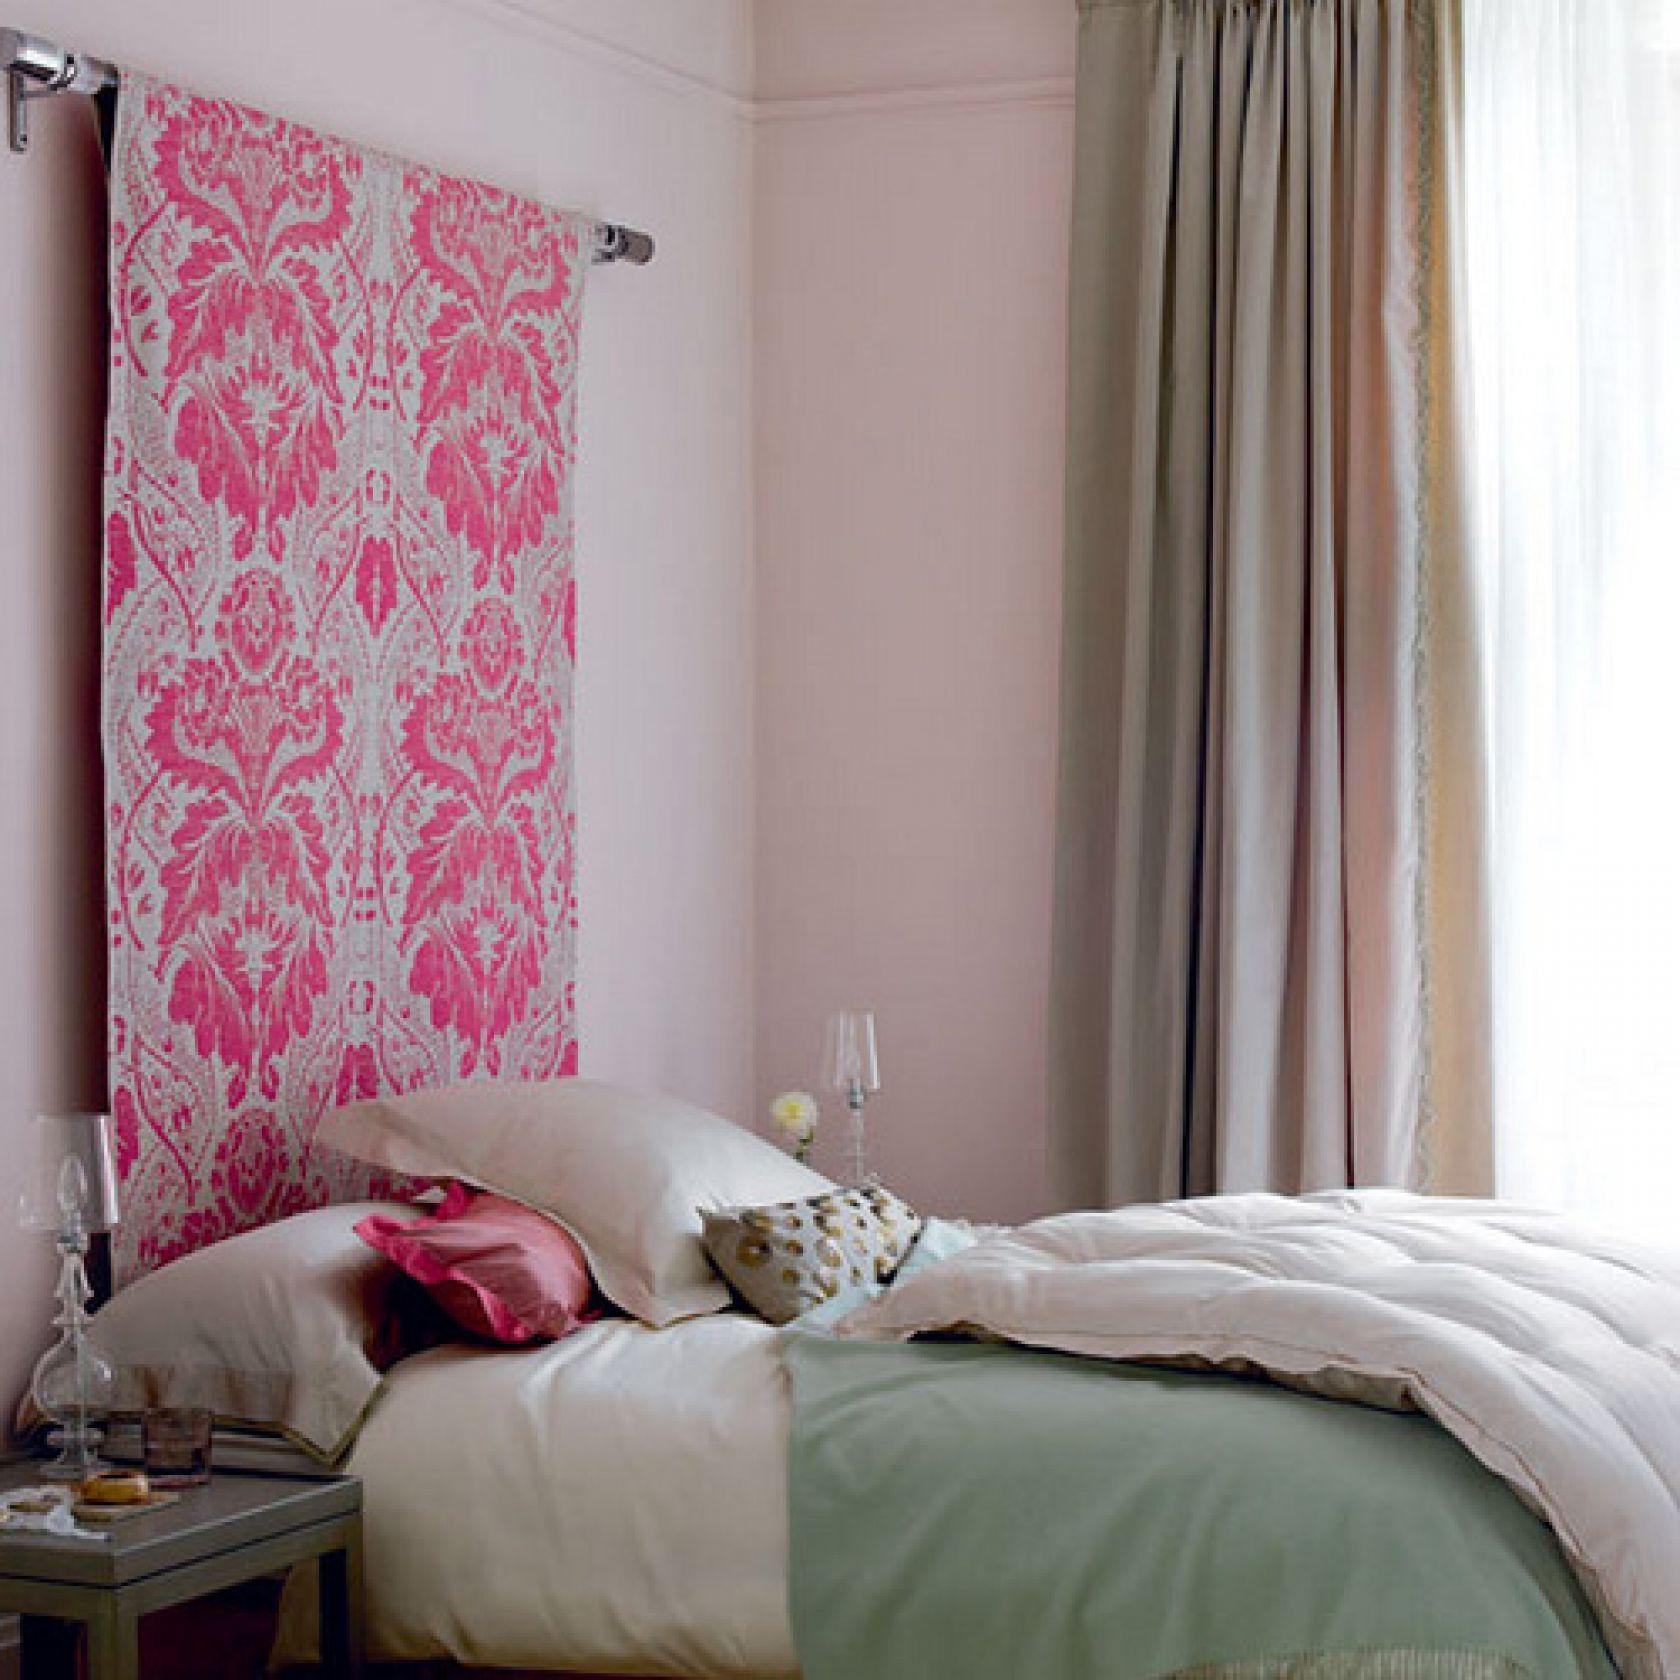 Как задекорировать стену тканью своими руками фото